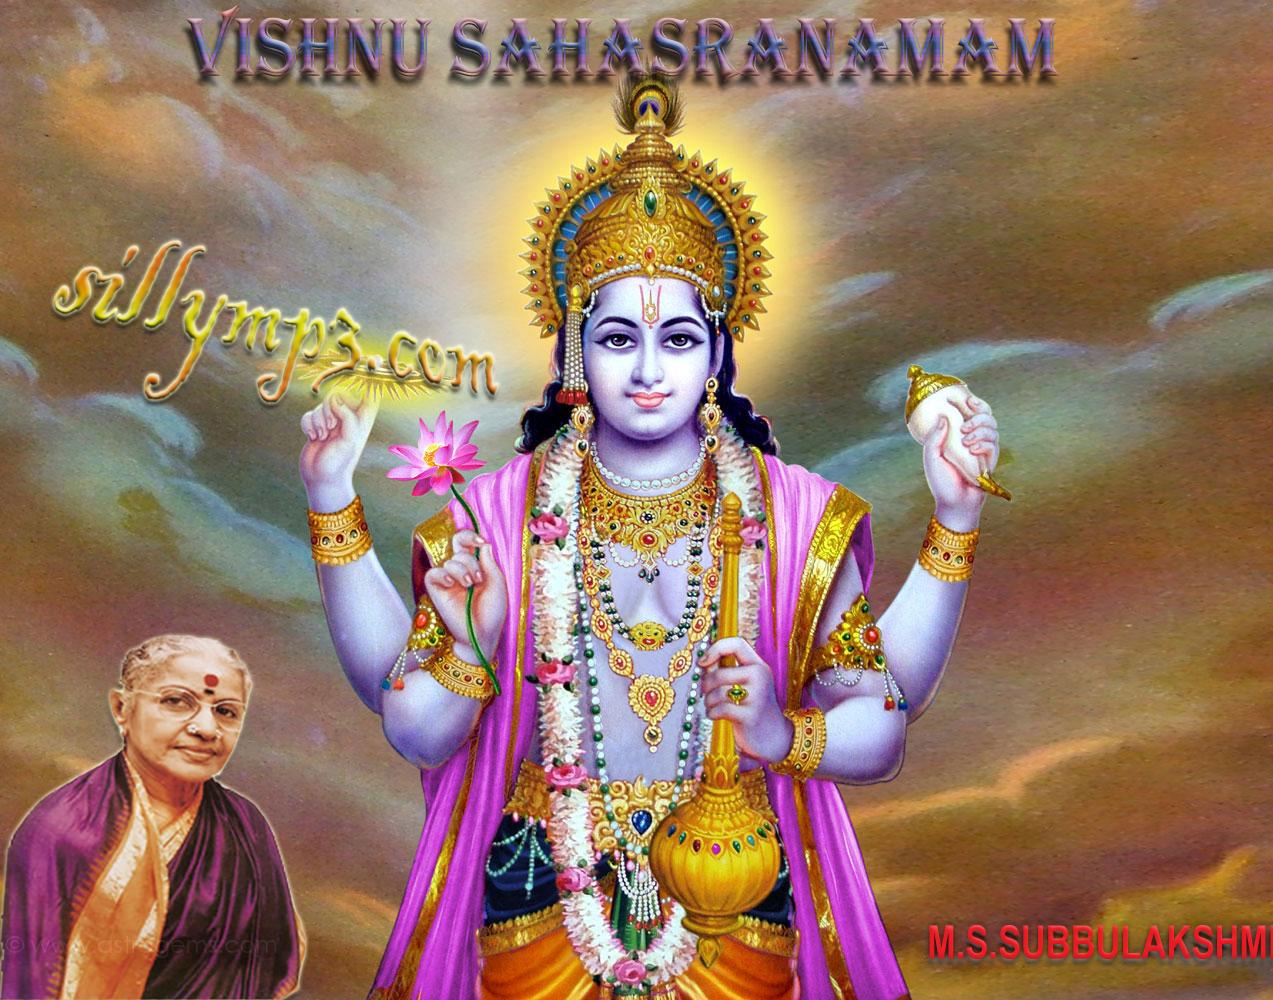 VISHNU SAHASRA NAMAM MP3